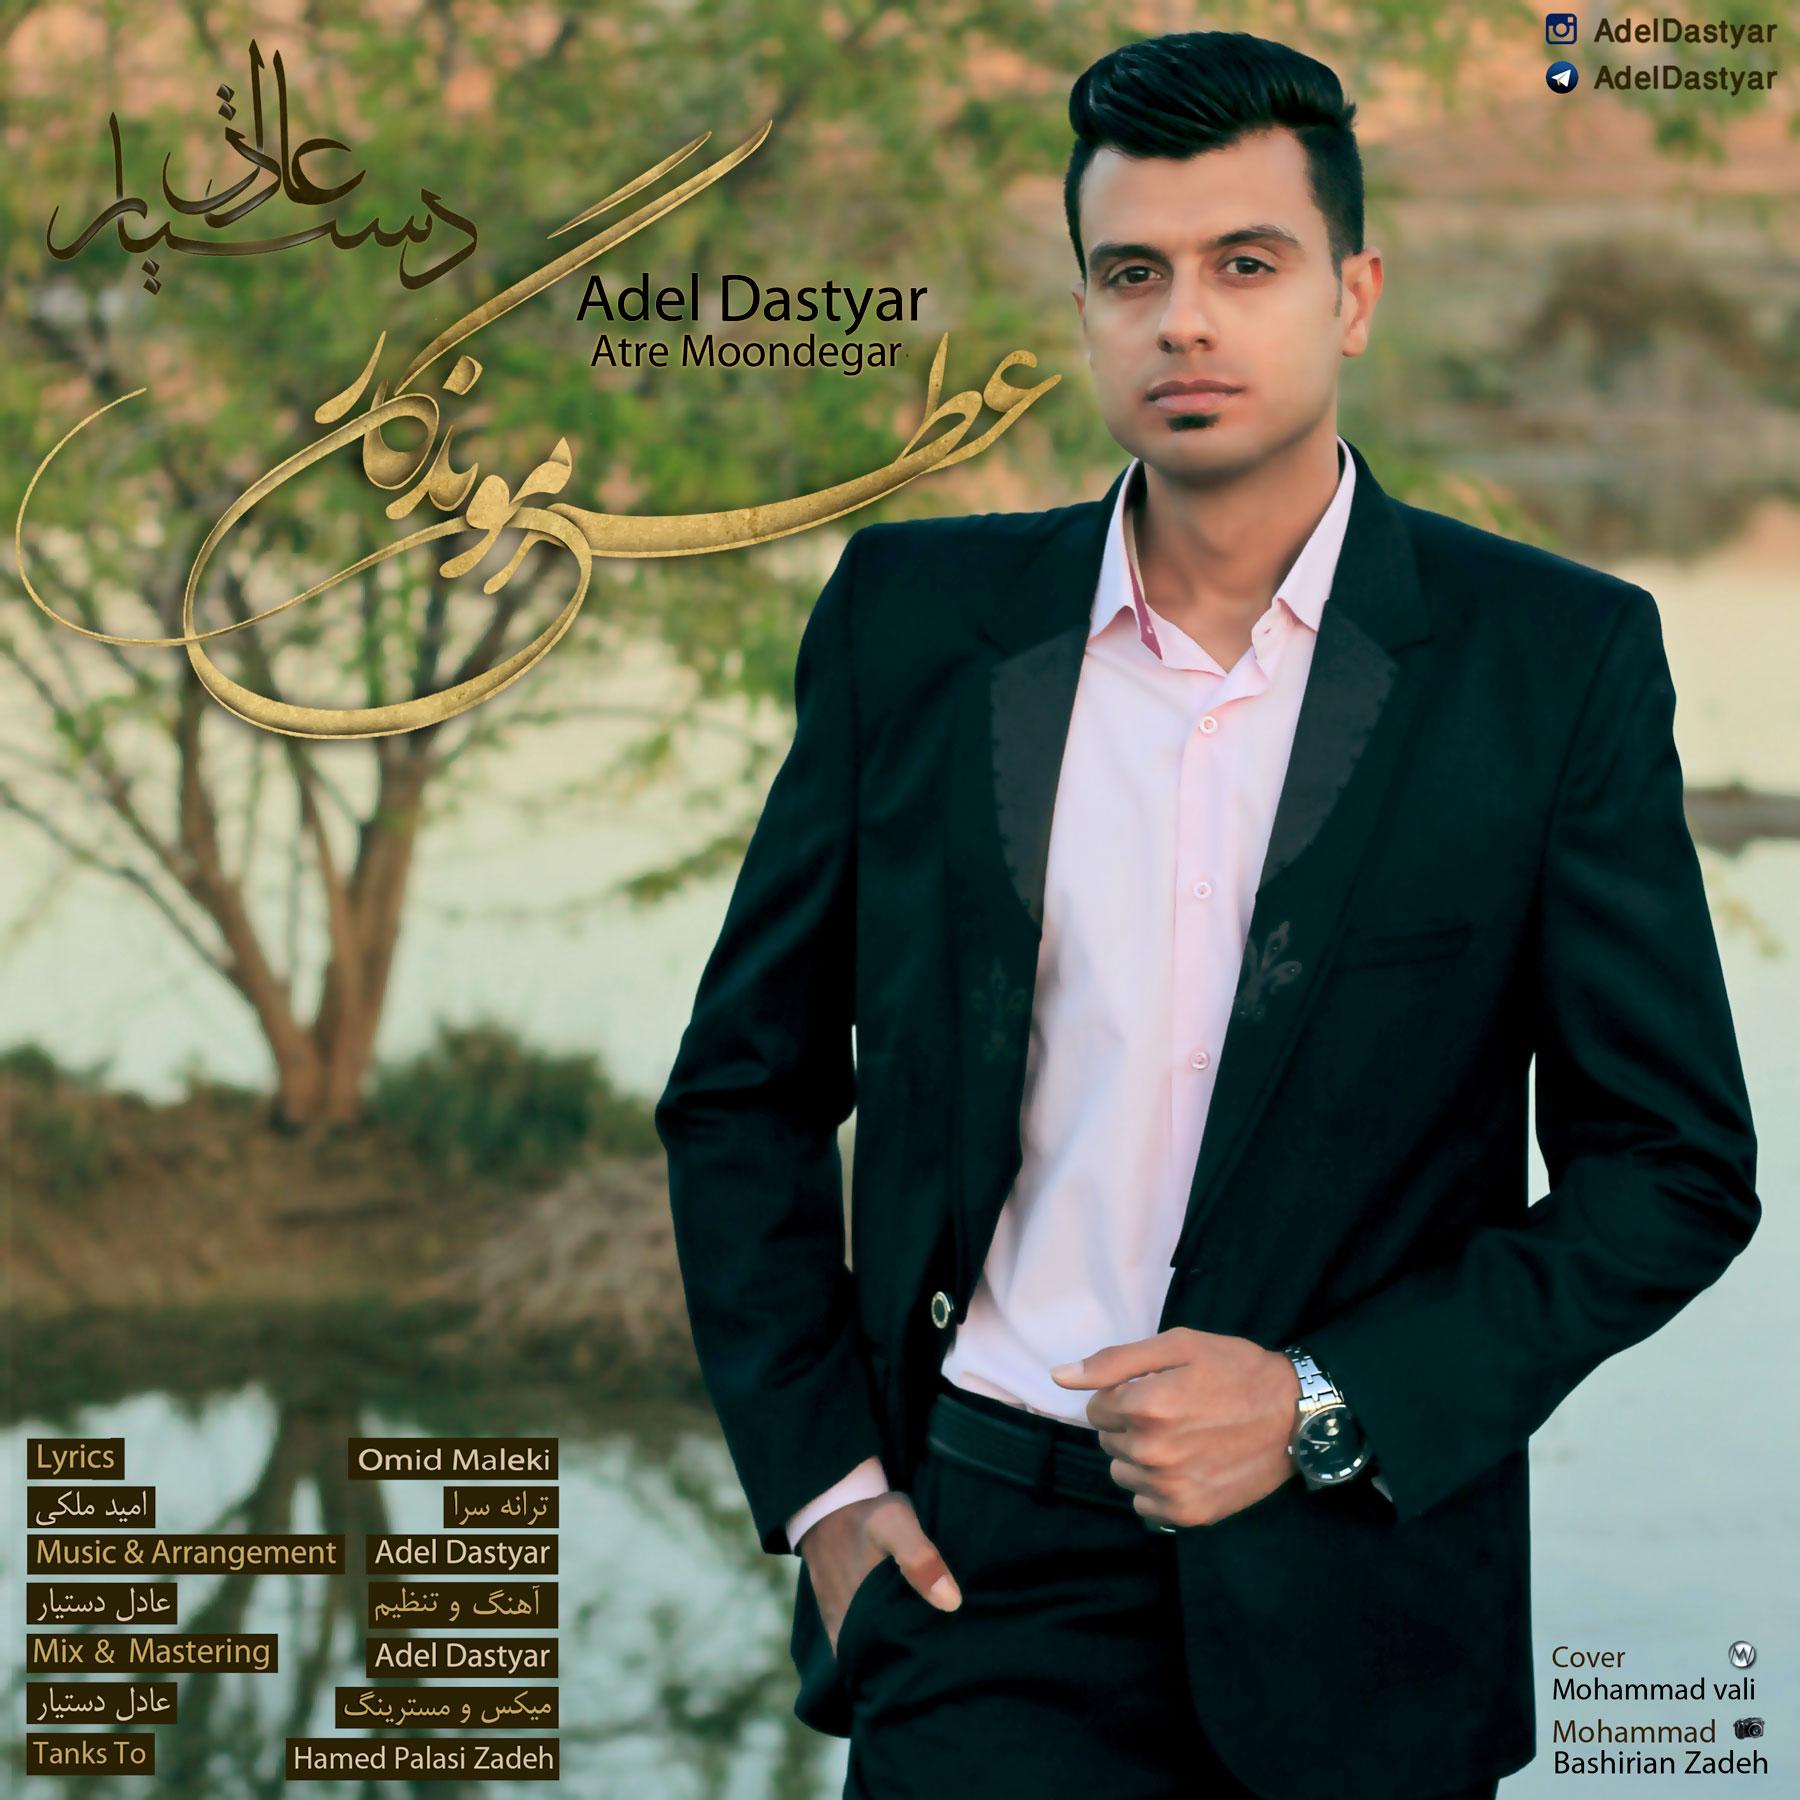 Adel Dastyar – Atre Moondegar